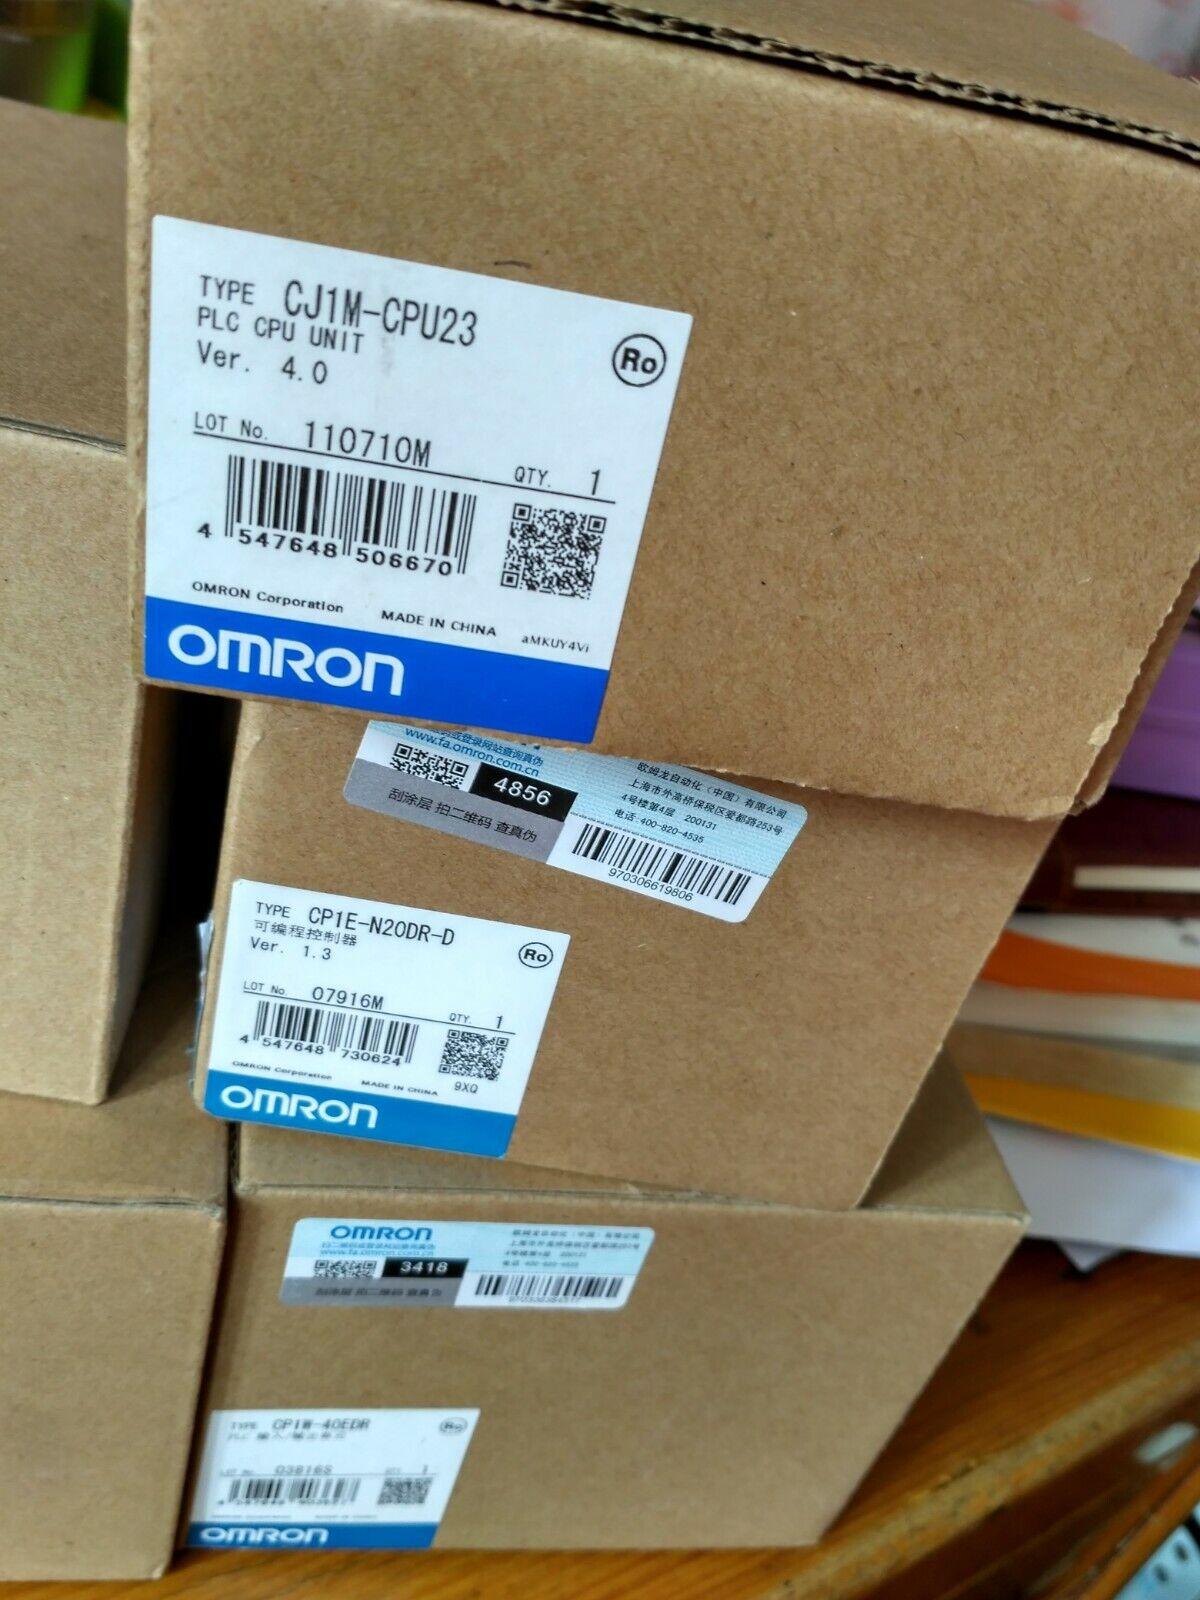 Nouveau CJ1M-CPU23 CJ 1 détaillent 23 OMRON CPU UNIT